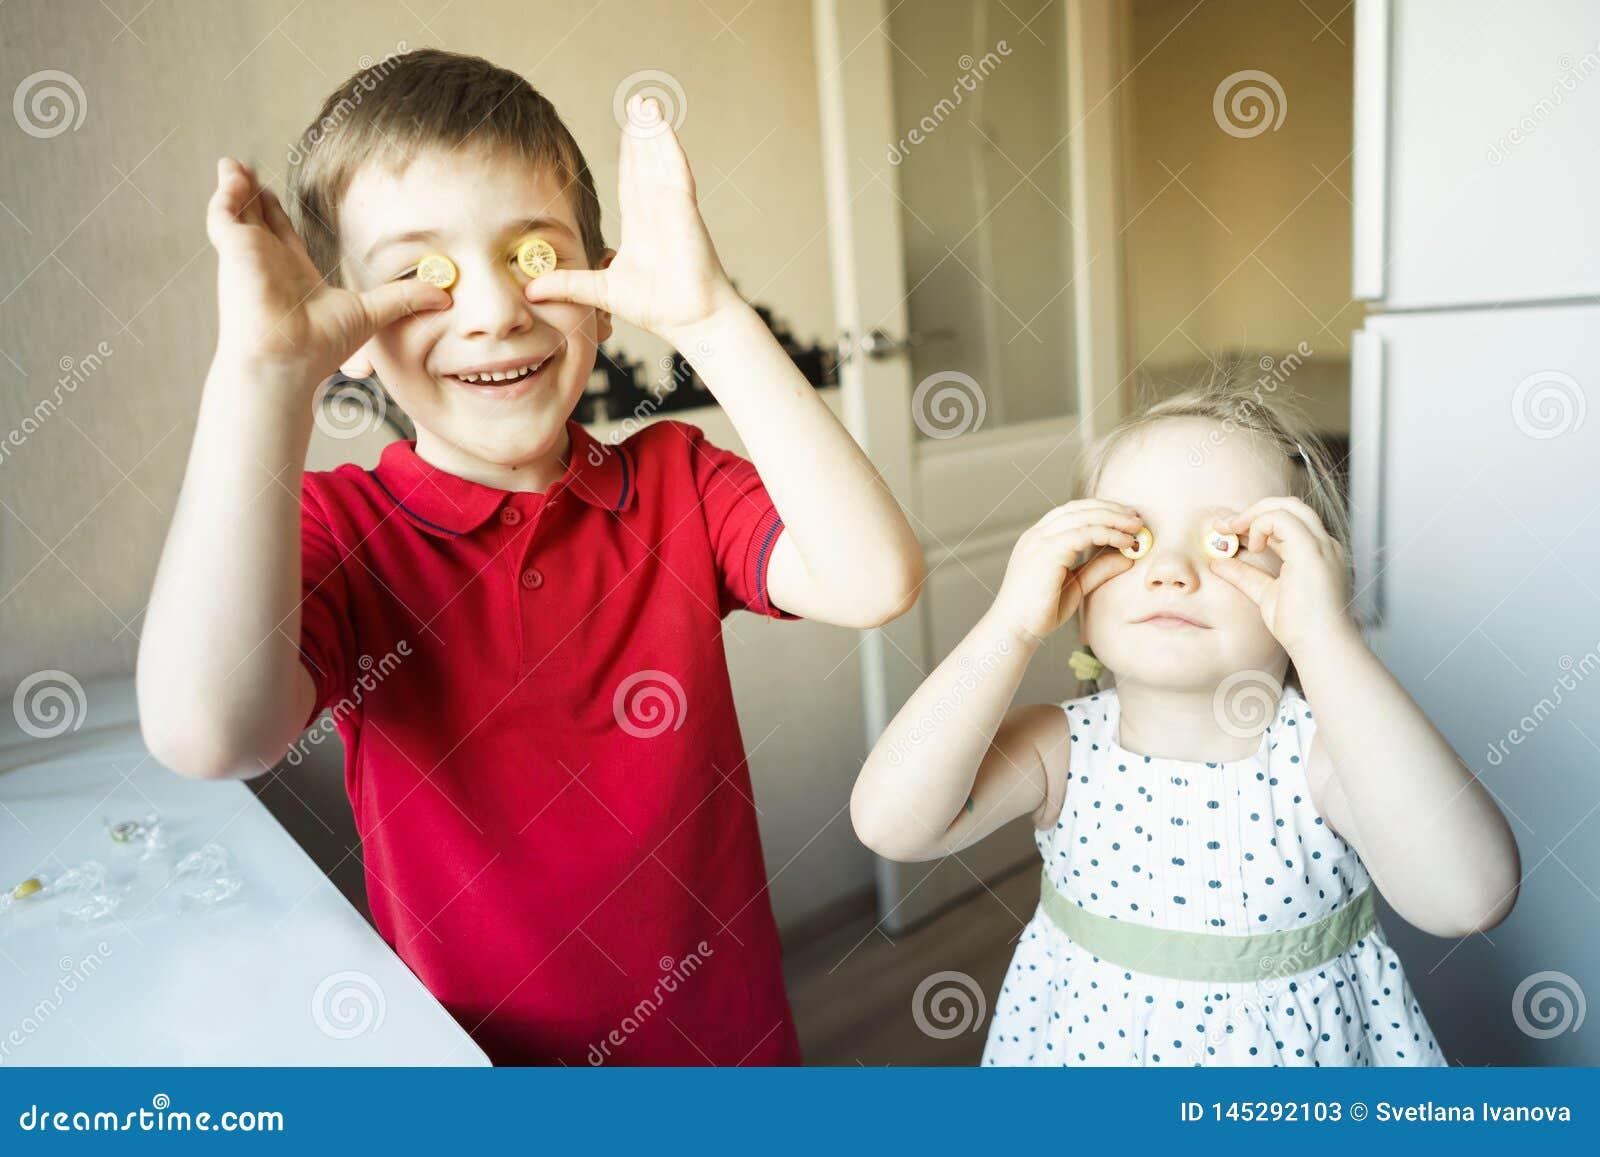 Lustiger Bruder und Schwester schließen ihre Augen mit Süßigkeit wie Gläsern